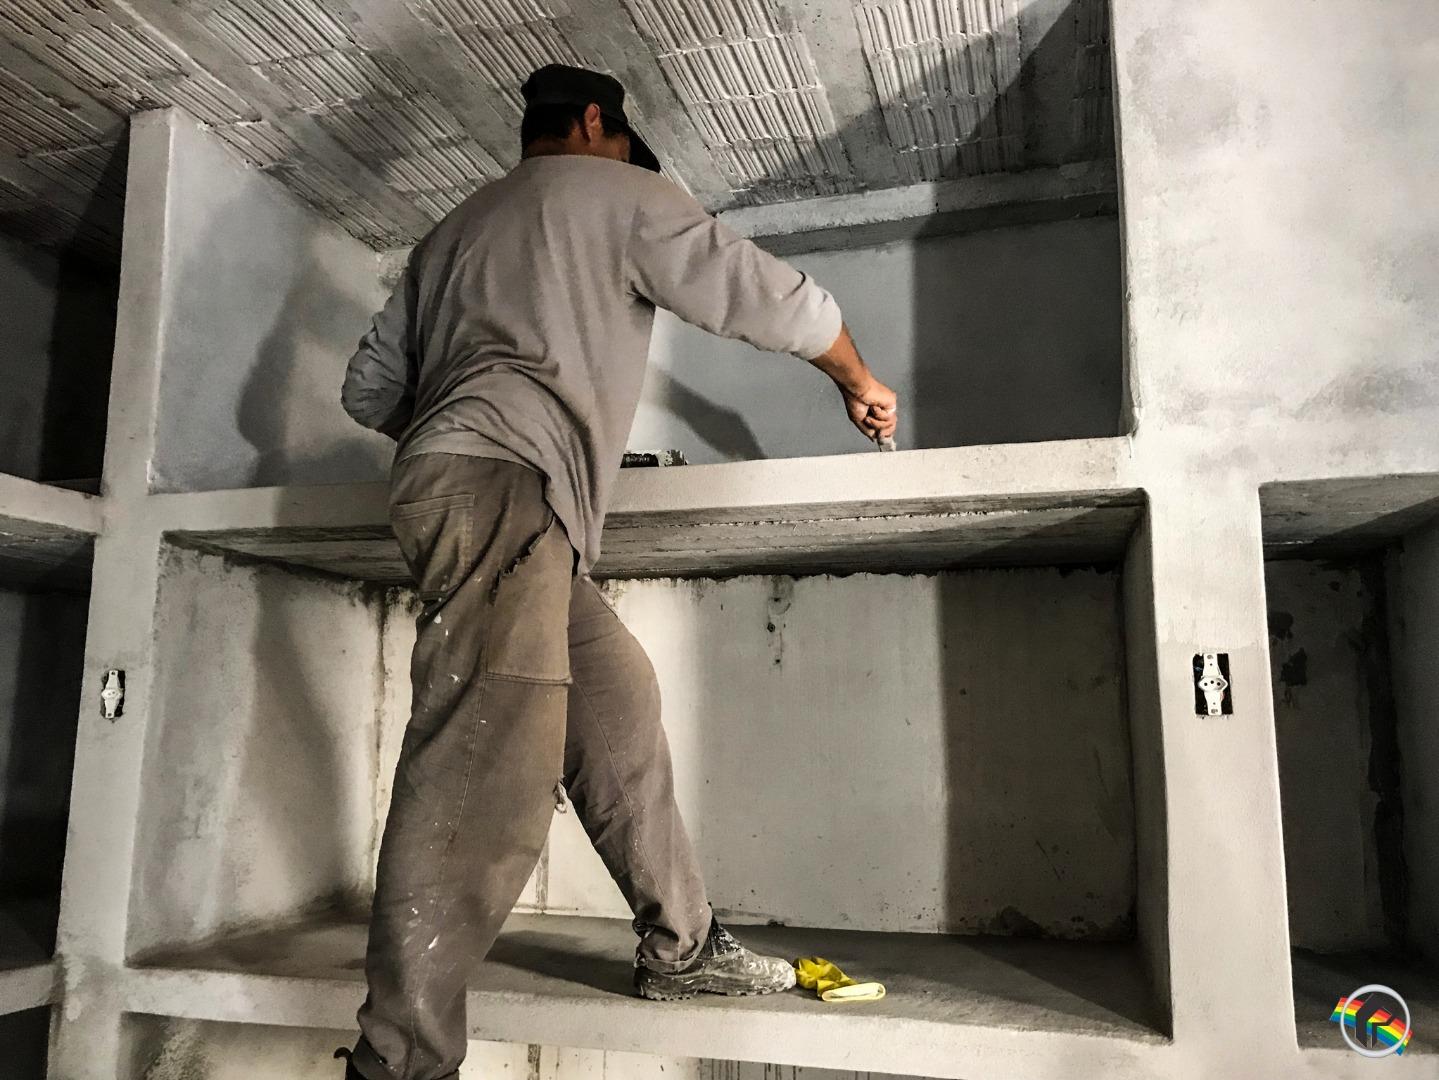 Obras vão ampliar capacidade da Unidade Prisional em 17 vagas